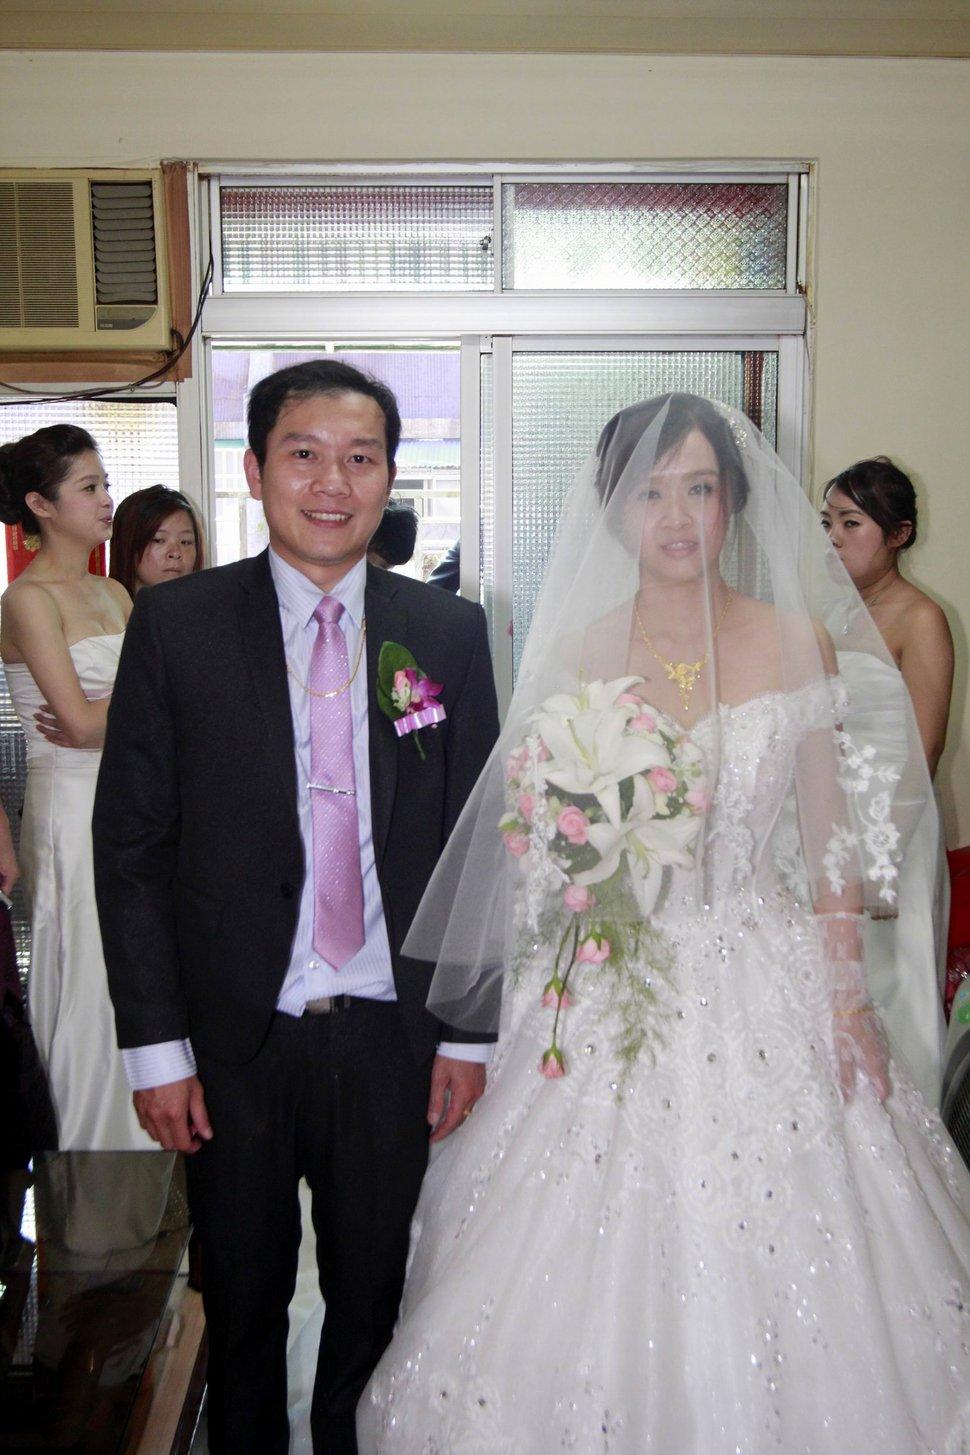 永和易牙居婚宴廣場宴會廳婚婚禮記錄結婚迎娶婚禮記錄動態微電影錄影專業錄影平面攝影婚攝婚禮(編號:213041) - 蜜月拍照10800錄影12800攝影團隊 - 結婚吧